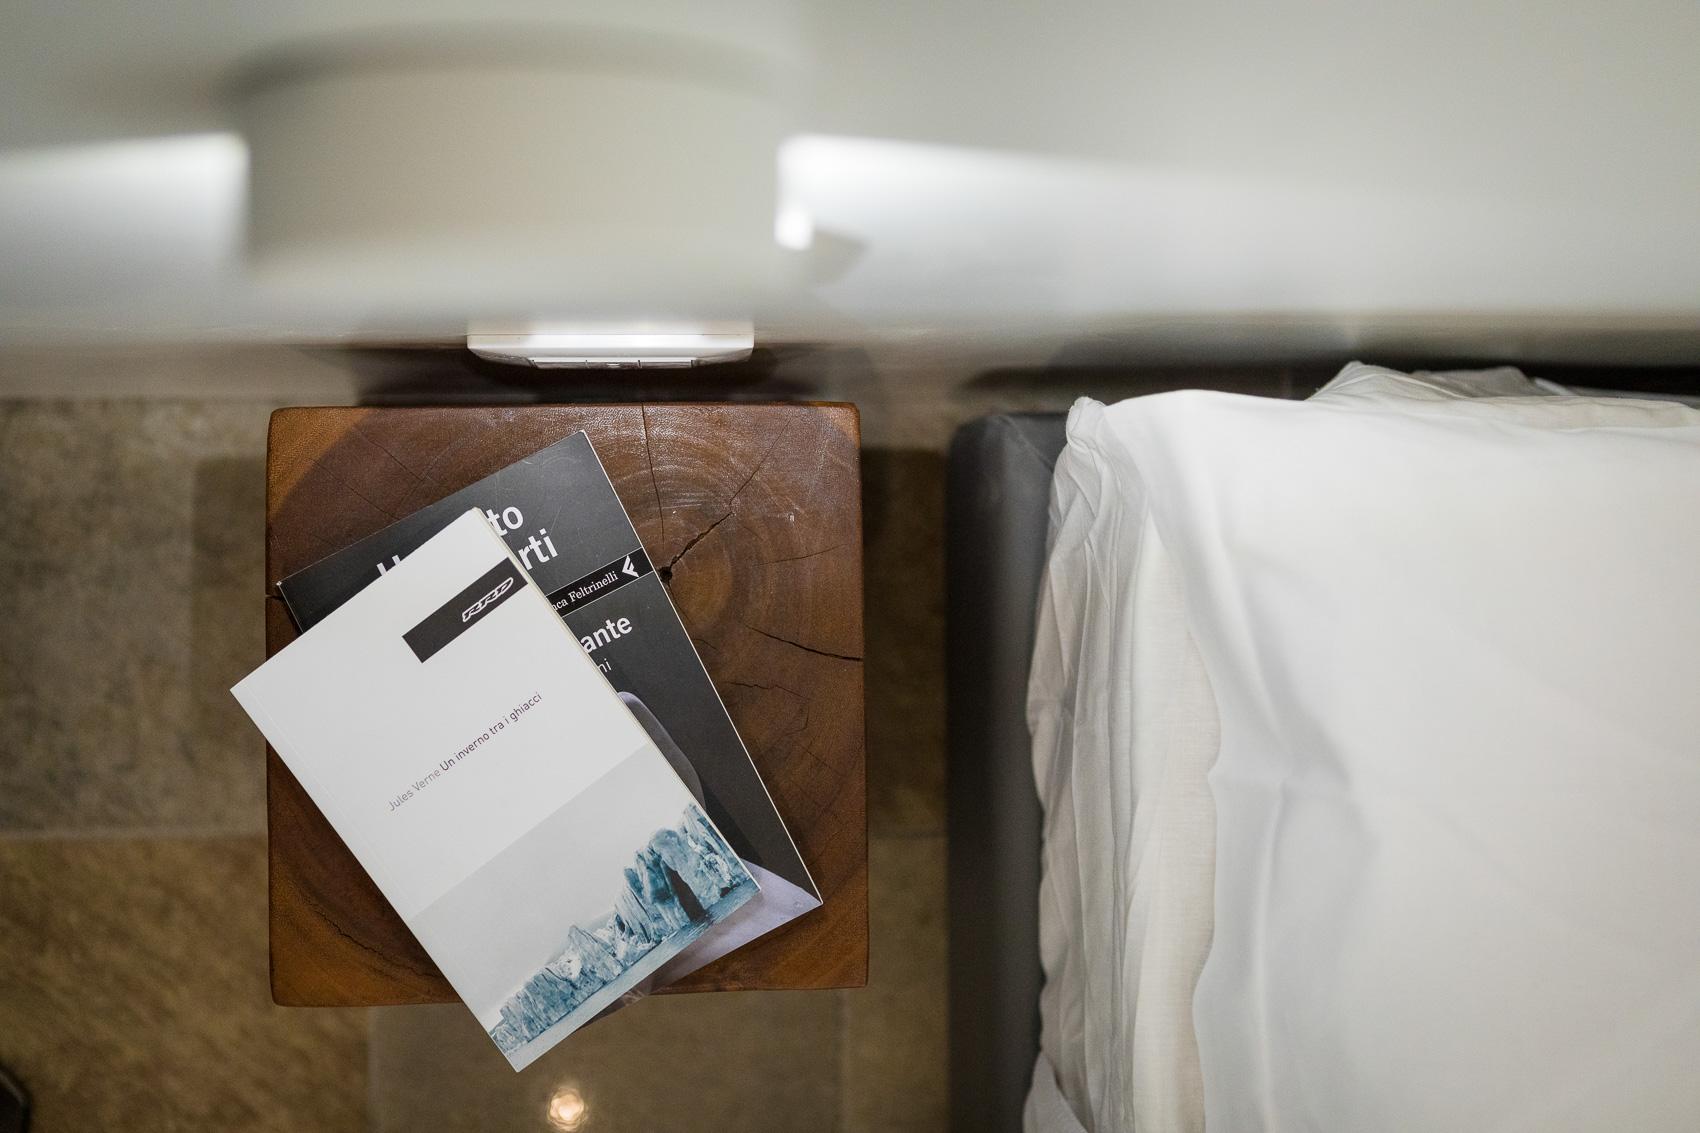 Residenza alle Grazie - Riva del Garda - Appartamenti Ai Ferrari